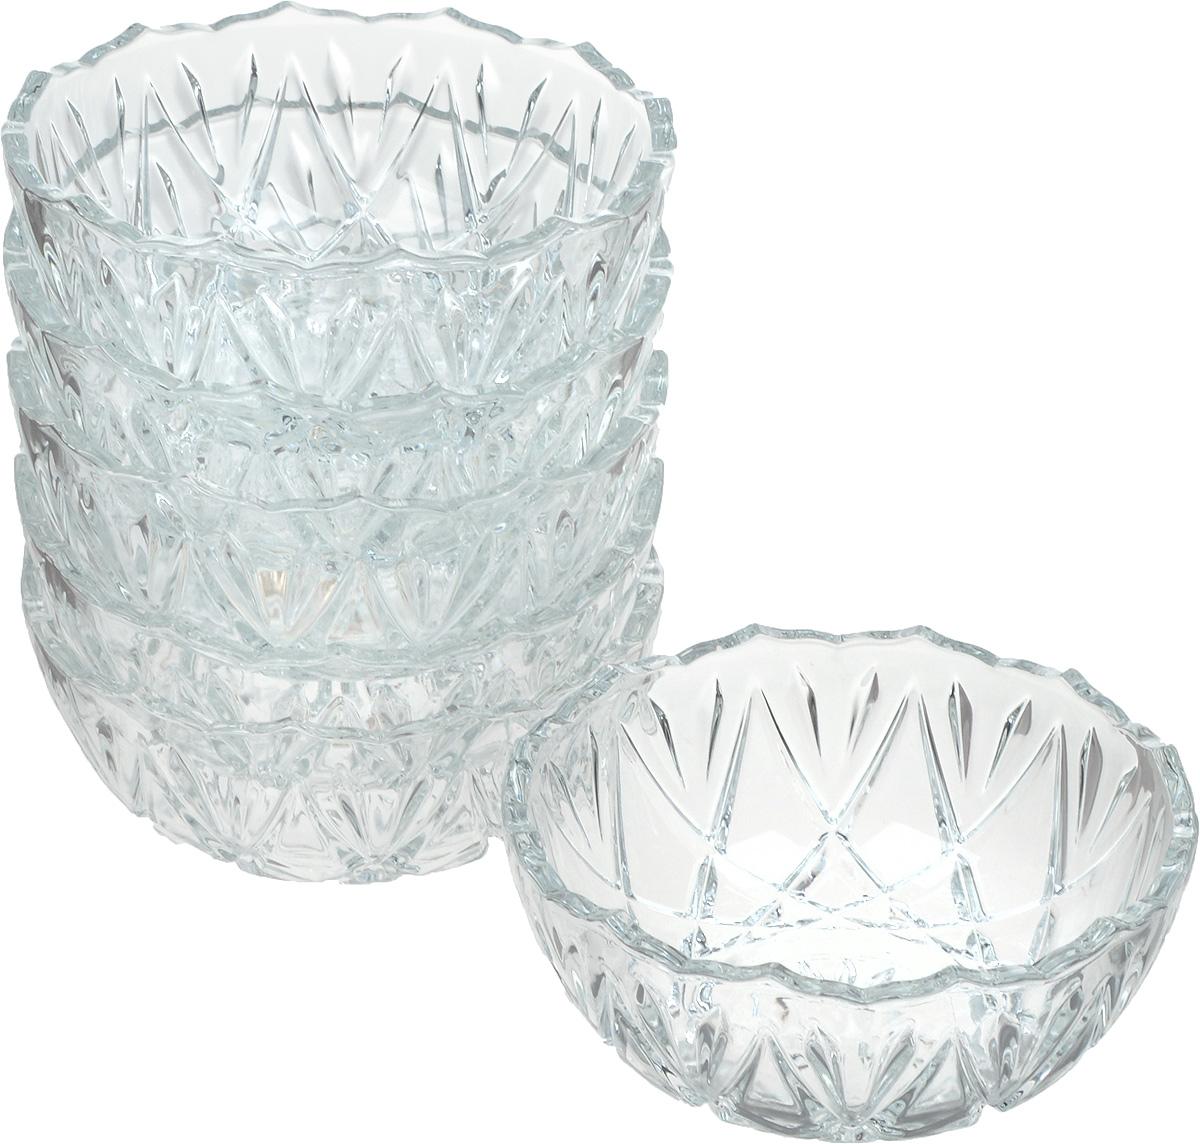 Набор салатников Isfahan Orkideh, диаметр 12 см, 6 шт645Салатник Isfahan Orkideh, изготовленный из стекла, прекрасно подойдет для подачиразличных блюд: закусок, салатов или фруктов.Такое изделие из иранского боросиликатногостекла - новый тренд на рынке посуды. Оно легче хрусталя, но при этом выглядит достаточнохрустально: те же грани, узоры, преломление света, блики, прозрачность, плавность краев иустойчивость дна.Такой салатник украсит ваш праздничный или обеденный стол, аоригинальный дизайн придется по вкусу и ценителям классики, и тем, кто предпочитаетутонченность и изысканность.Набор состоит из 6 салатников.